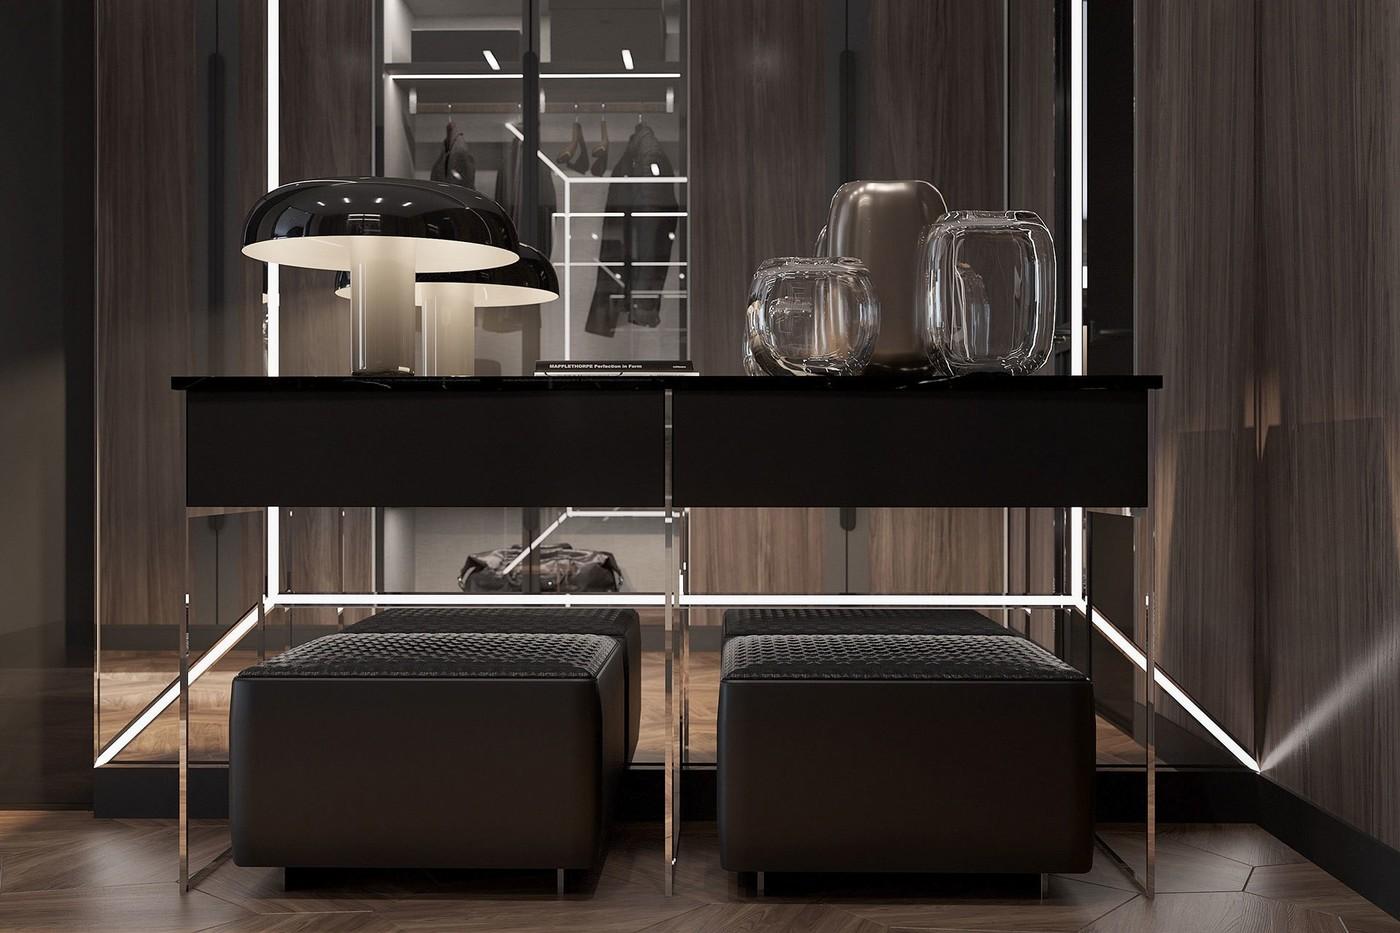 Entrance Hall Table - Elizarova Design Studio